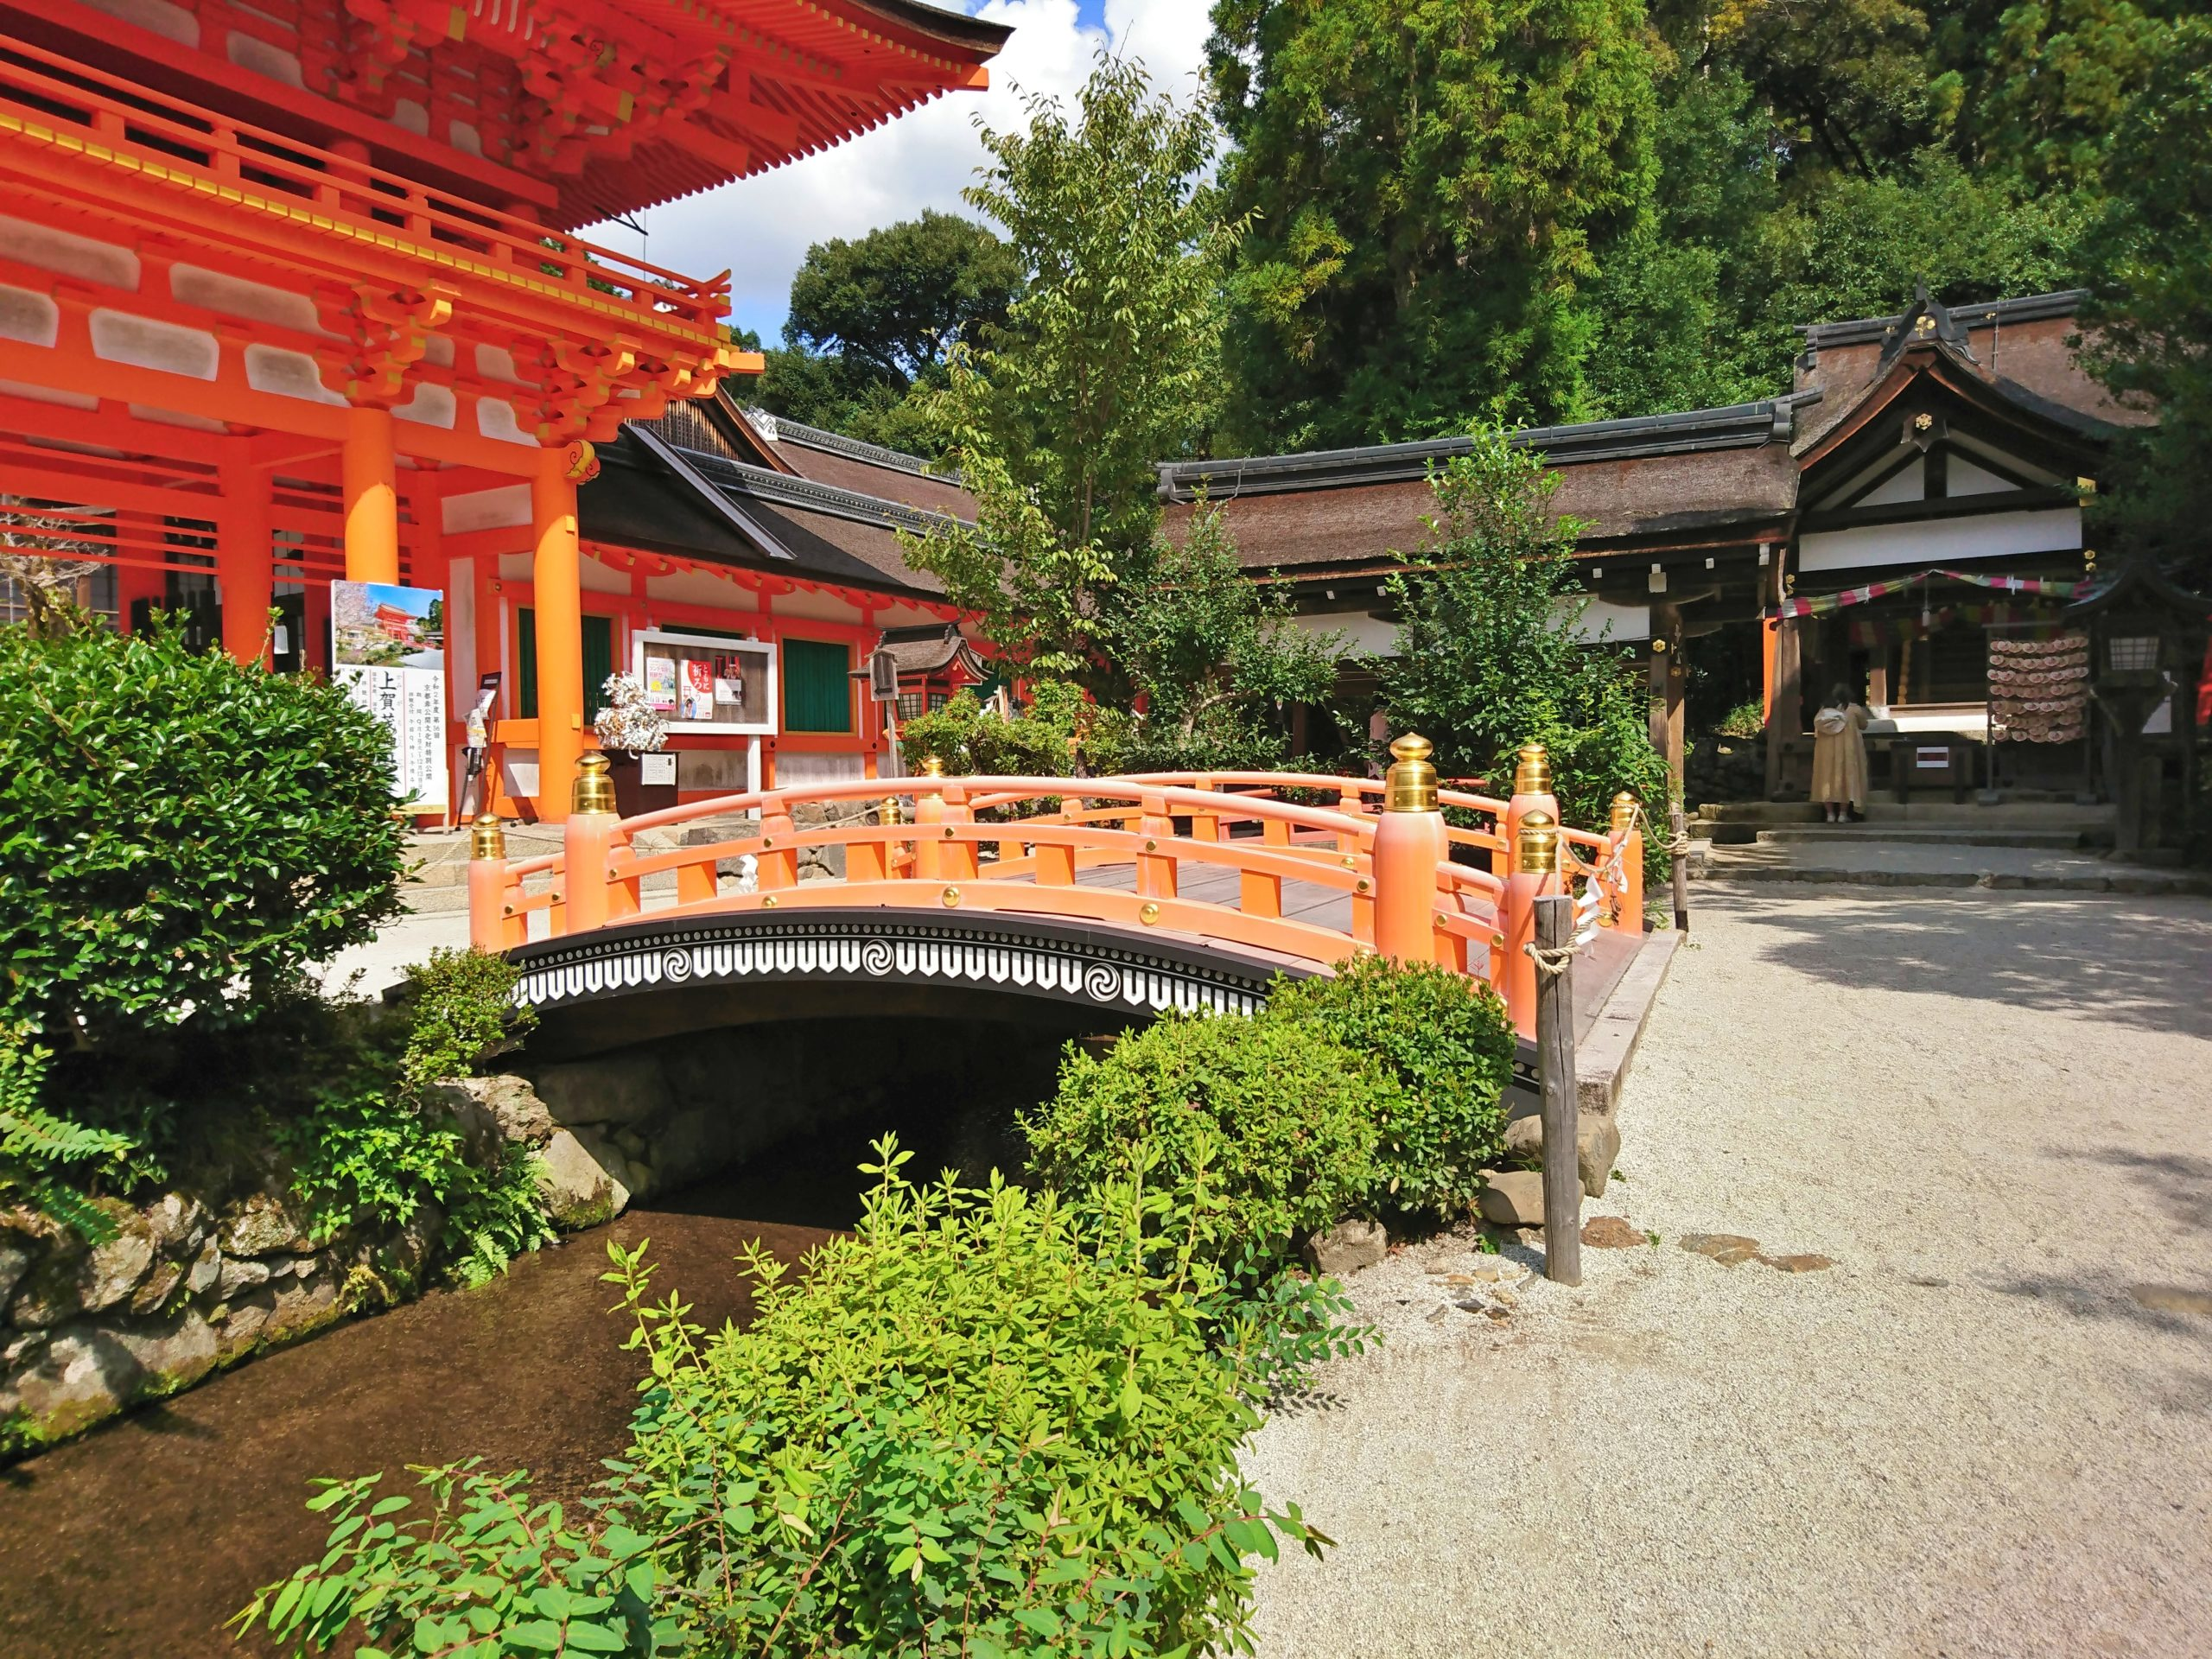 上賀茂神社の桜門と玉橋